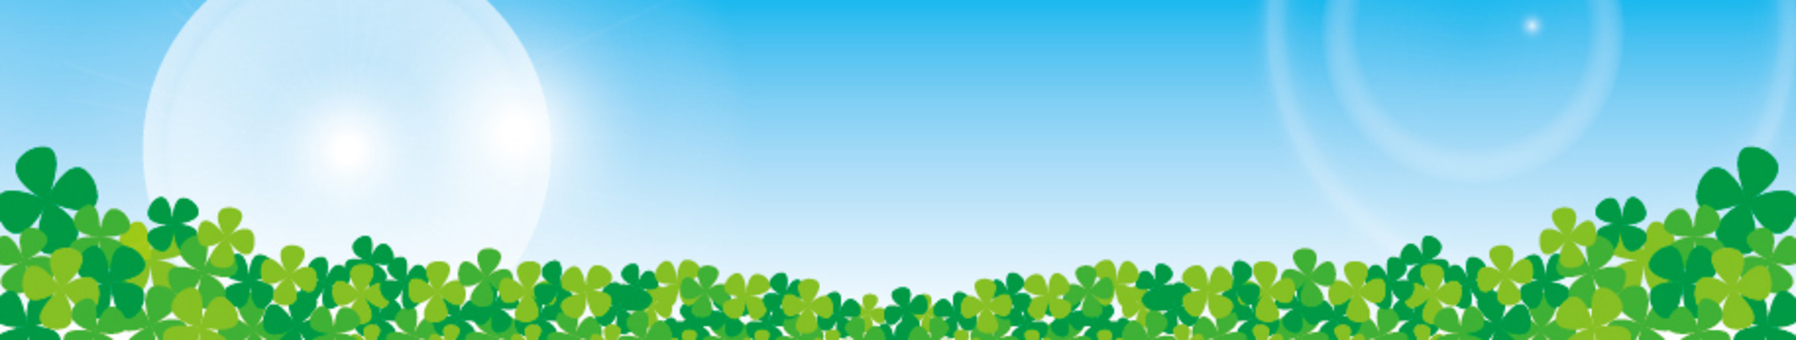 新鲜的绿色叶茂盛领域(带·标题背景)